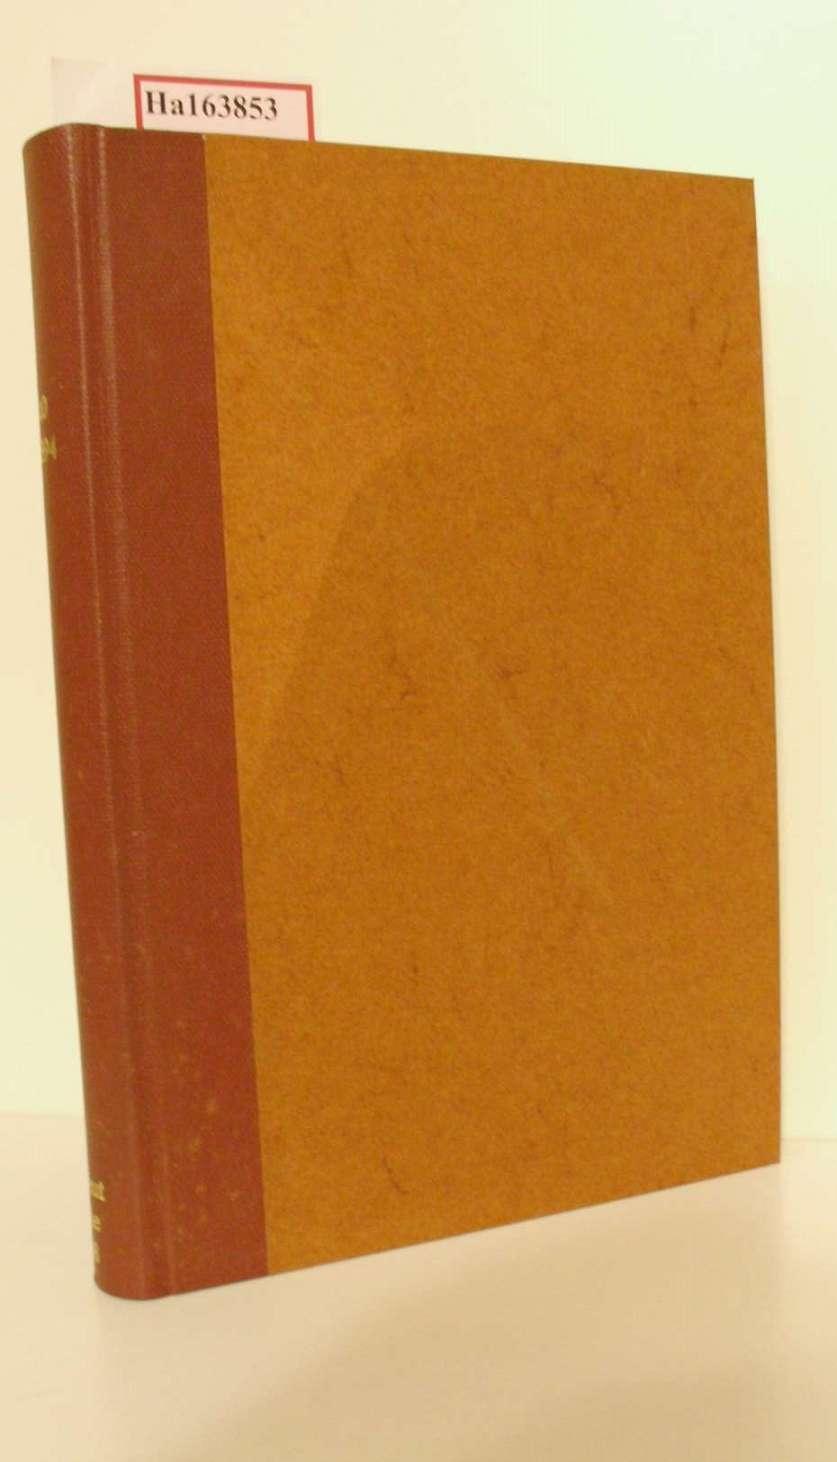 Forstpolitik, Jagd- und Fischereipolitik. ( = Hand- und Lehrbuch der Staatswissenschaften in selbständigen Bänden/ I. Abt. : Volkswirtschaftslehre, Bd. 10) .